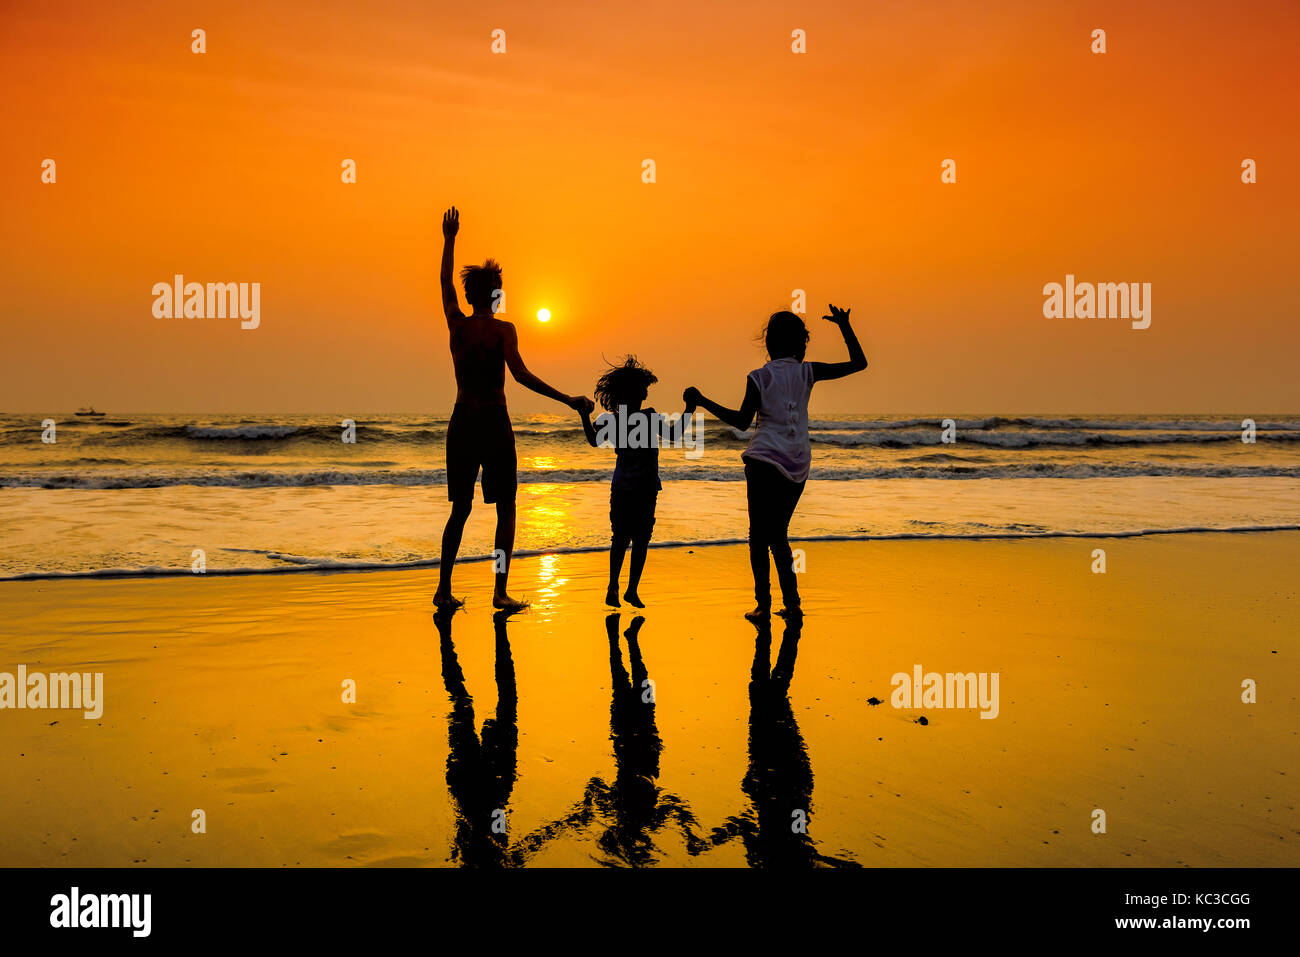 Sagome di gruppo di bambini balli sulla spiaggia al tramonto. Foto Stock